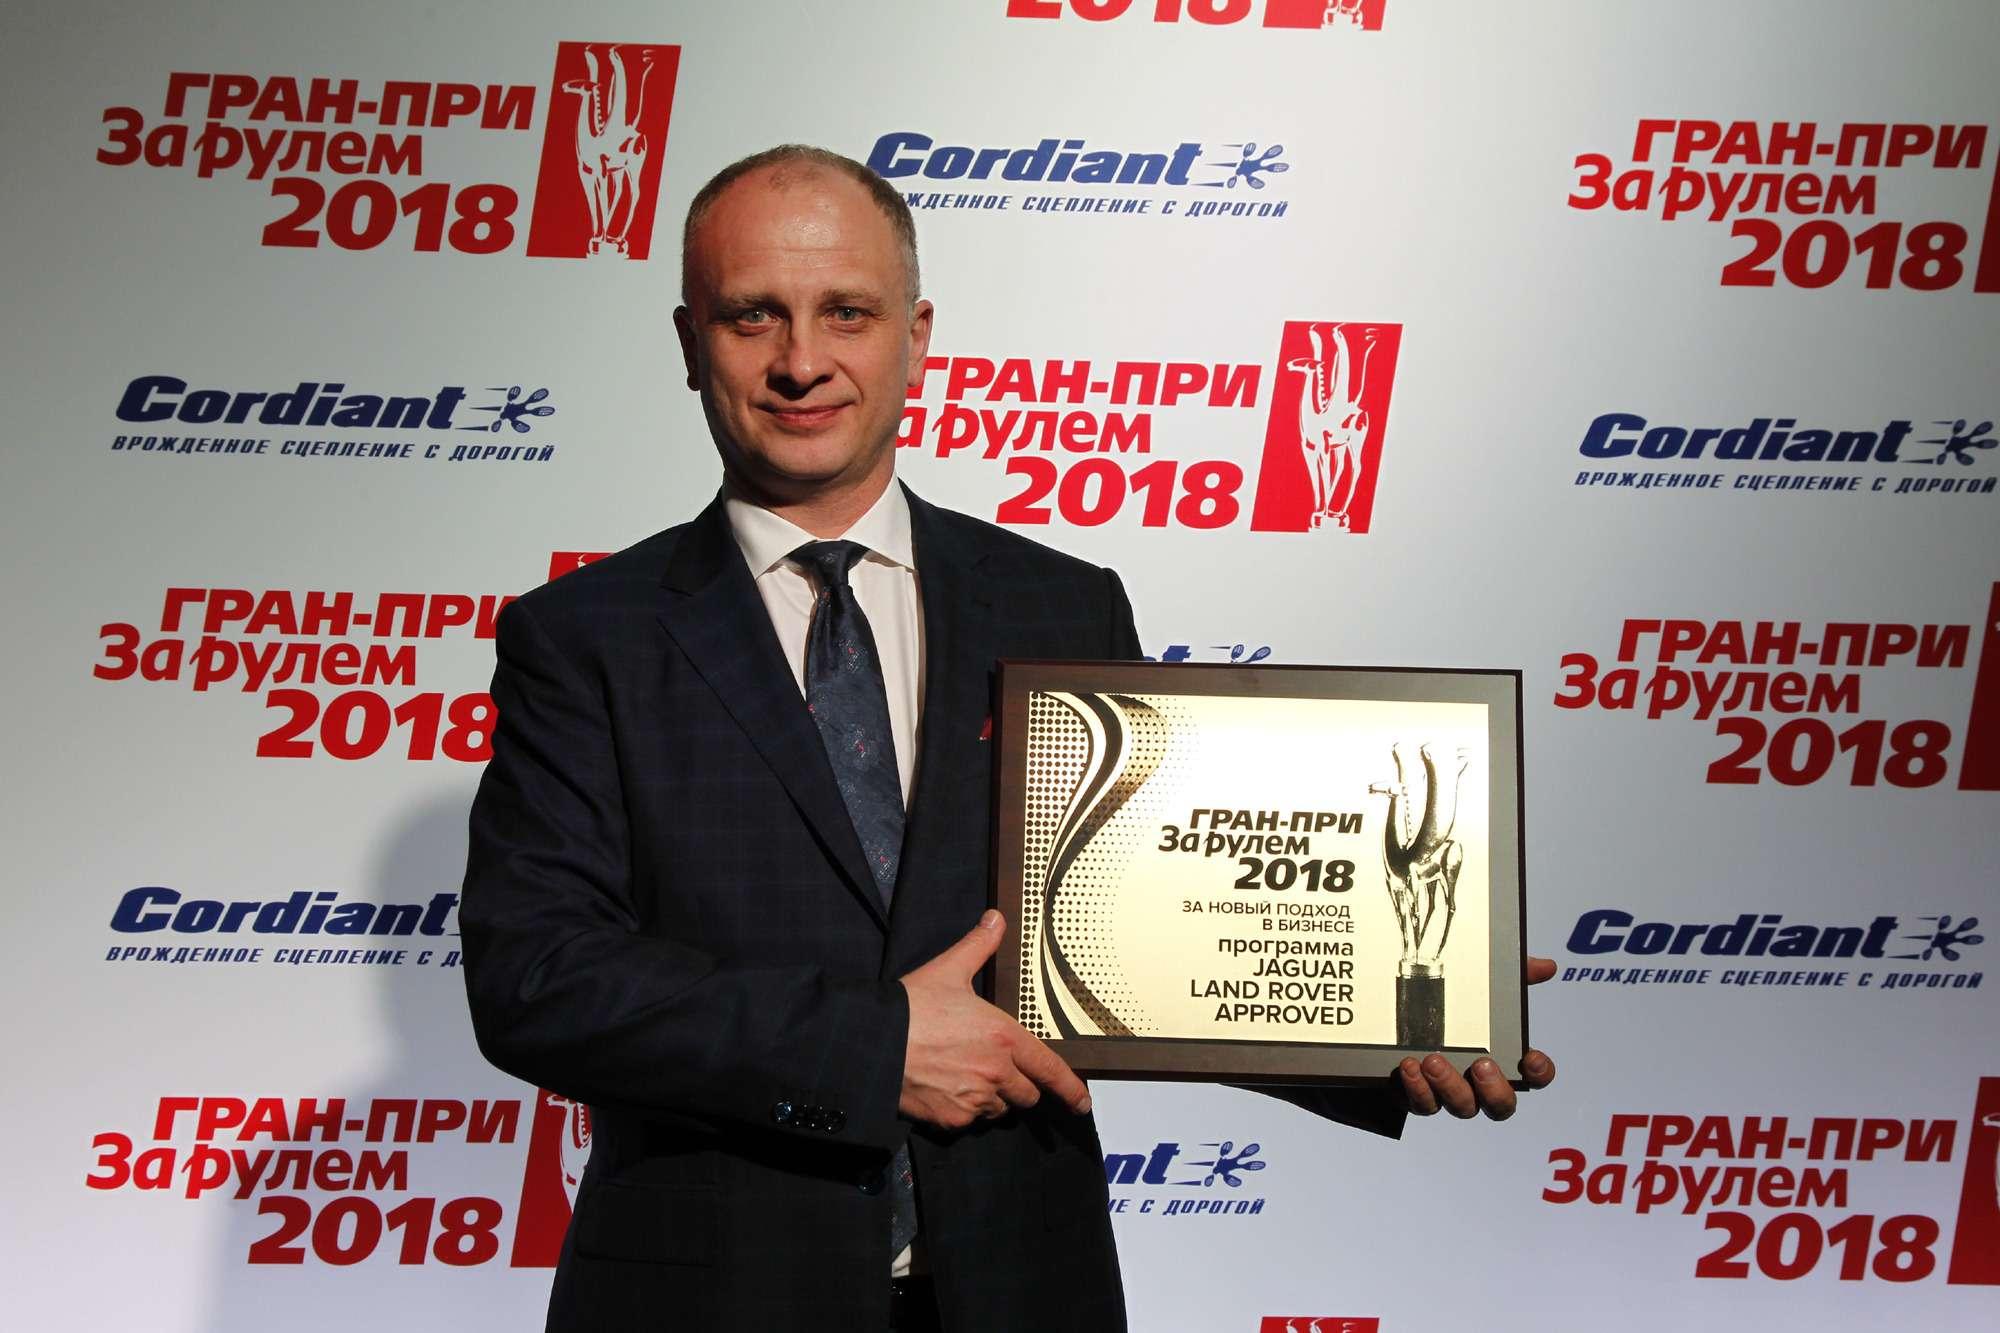 Гран-при «Зарулем»: названы лучшие автоновинки икомпании 2017 года— фото 856035